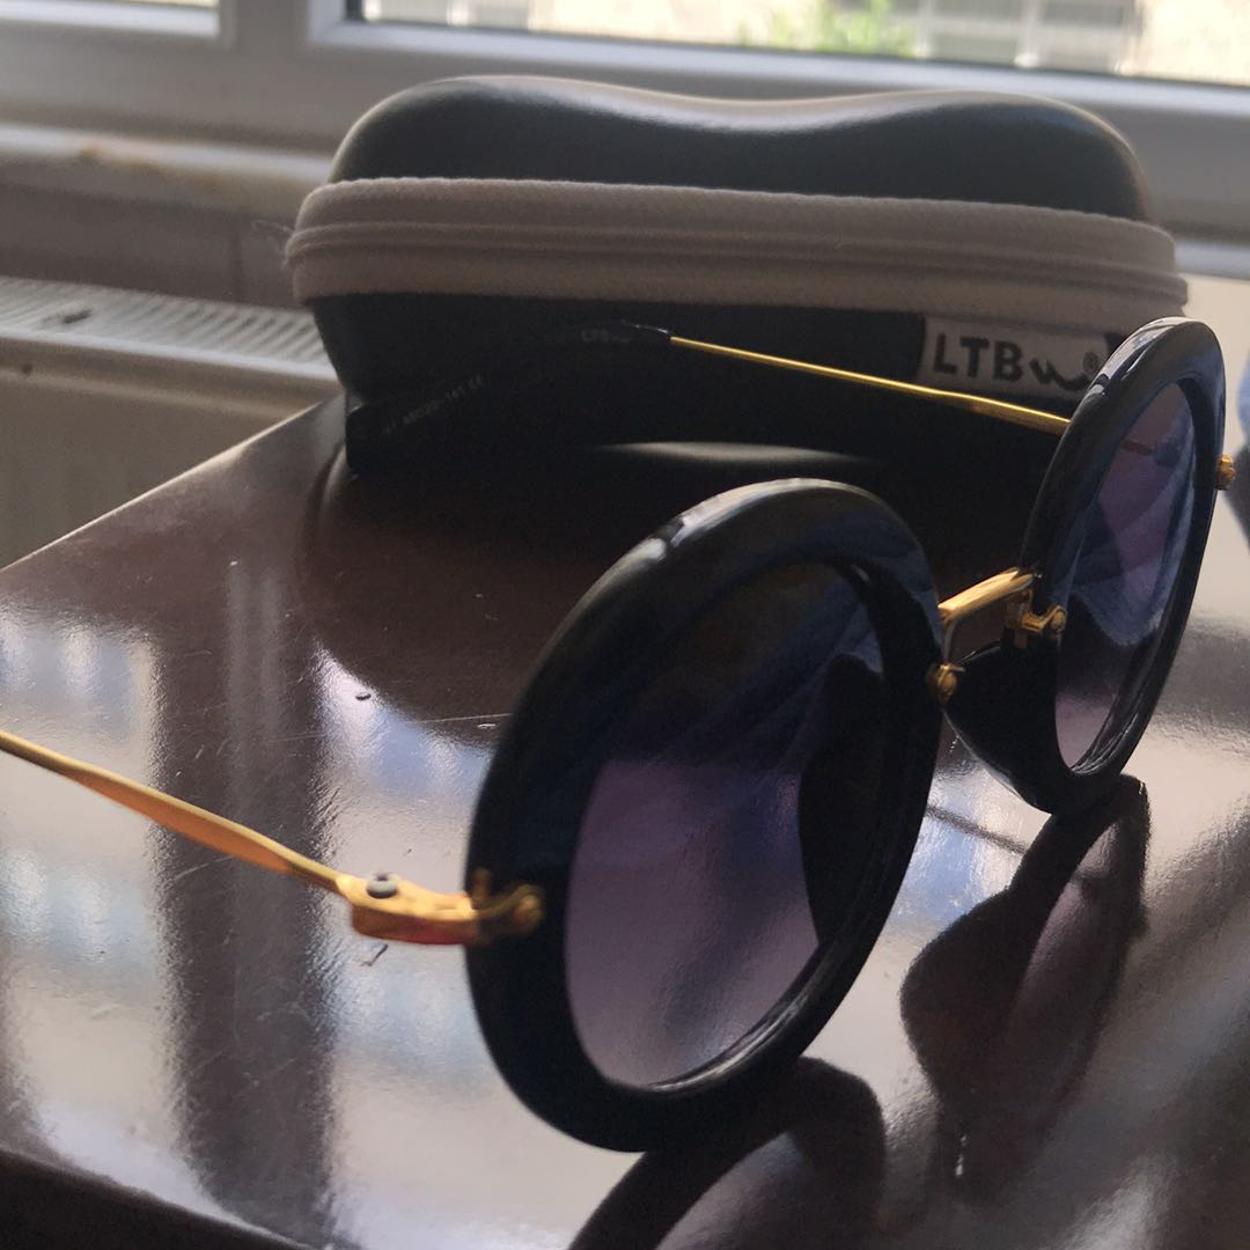 Ltb jeans Gözlük